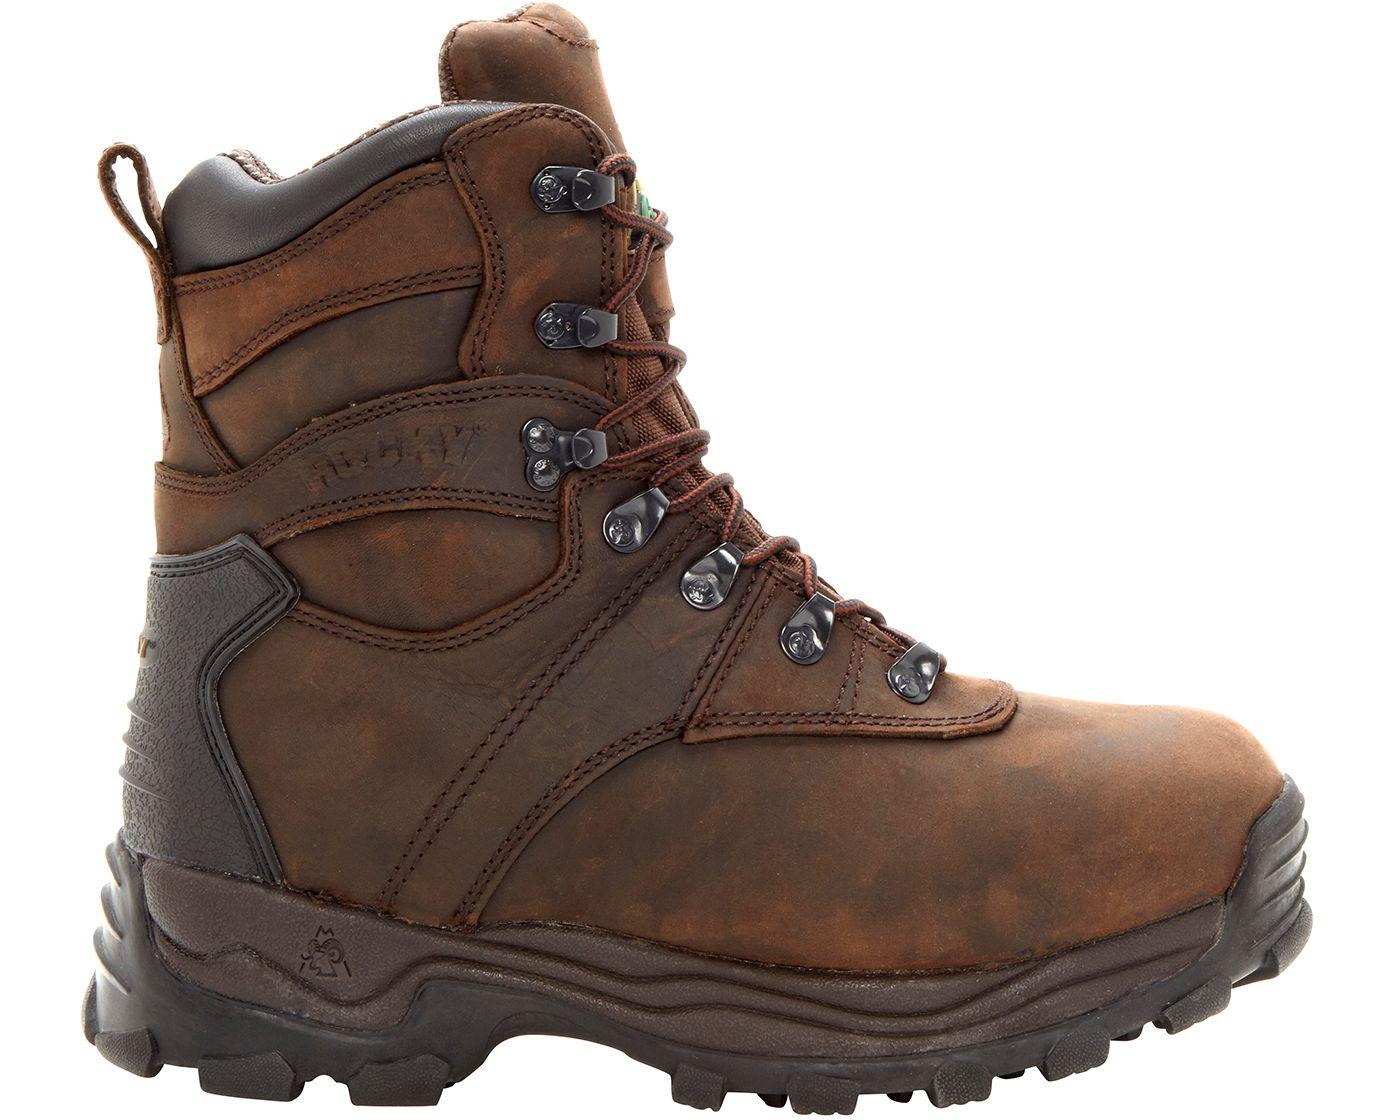 Rocky Men's Sport Utility Pro 600g Waterproof Hunting Boots